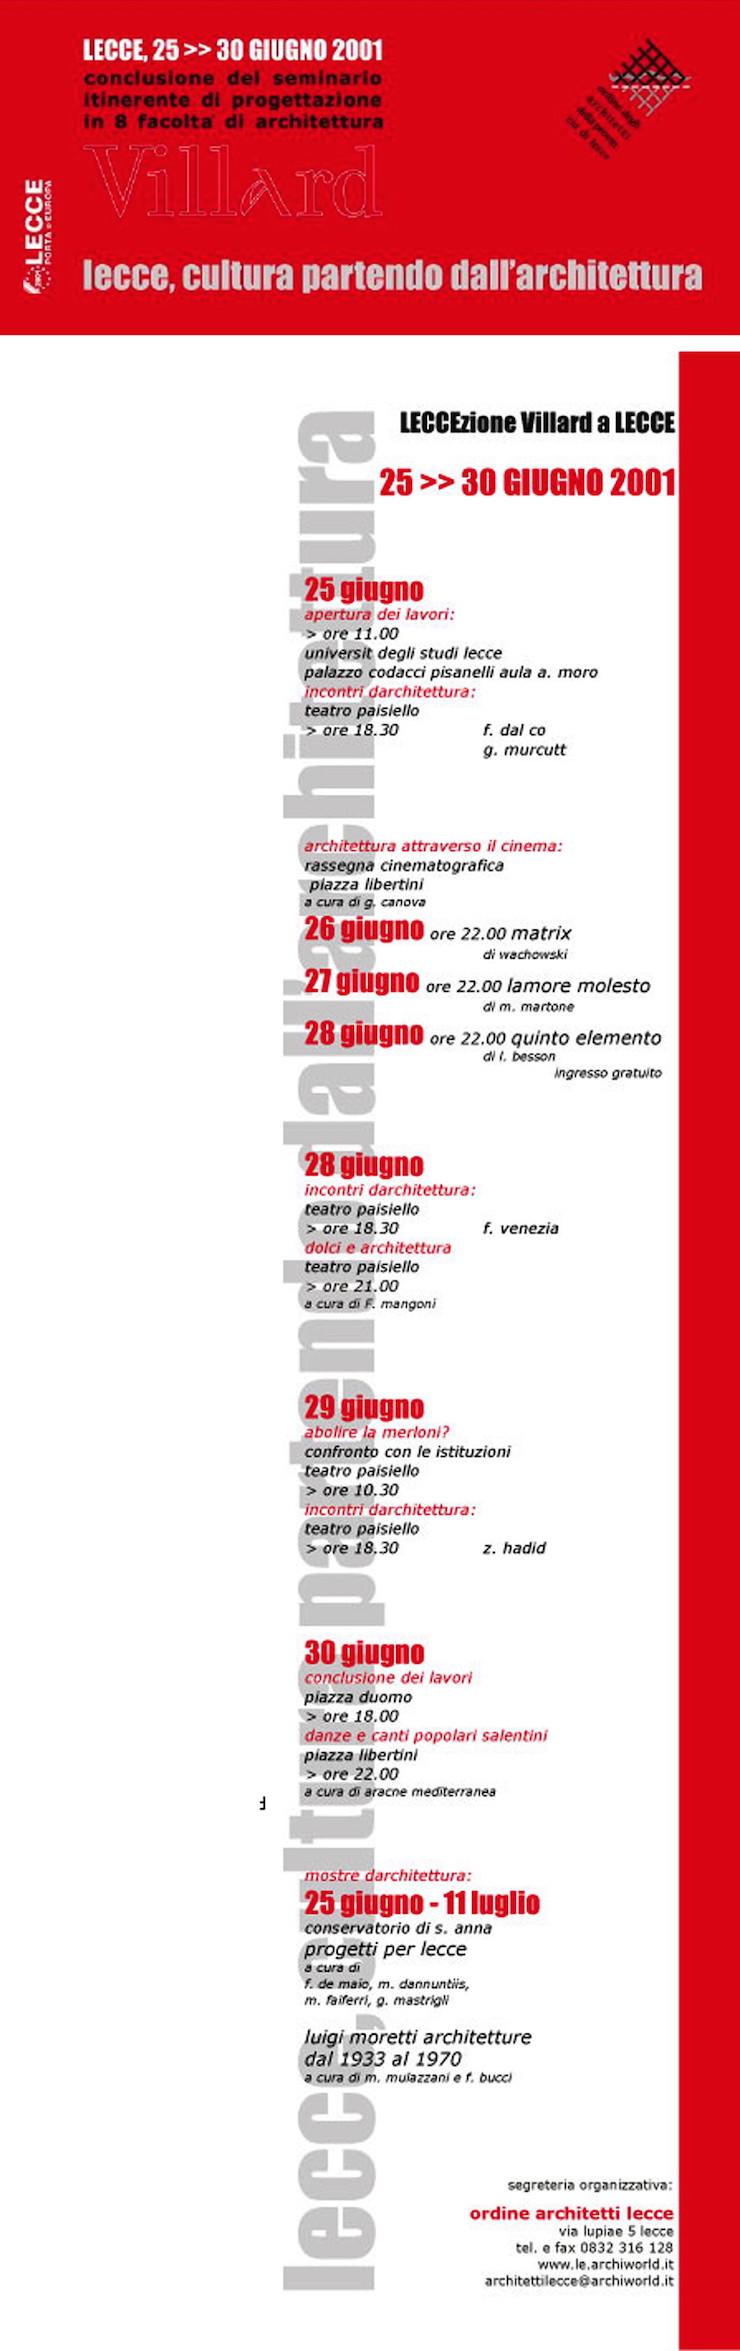 villard-2-lecce-2001-programma